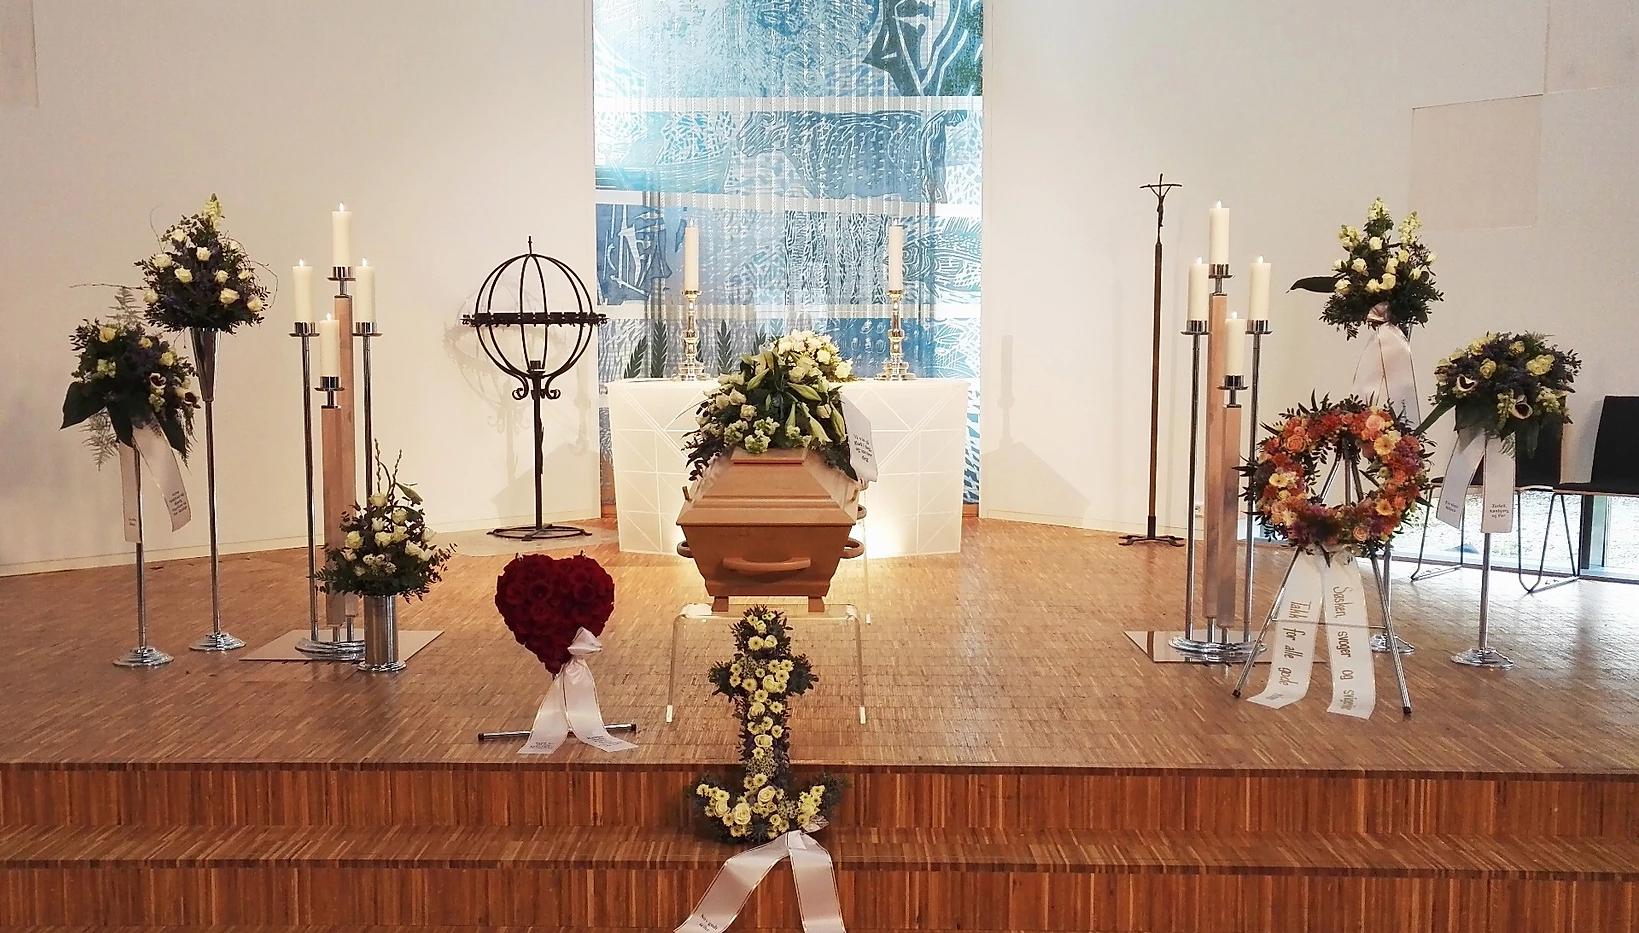 nova-begravelse-kiste-bisettelse07.webp